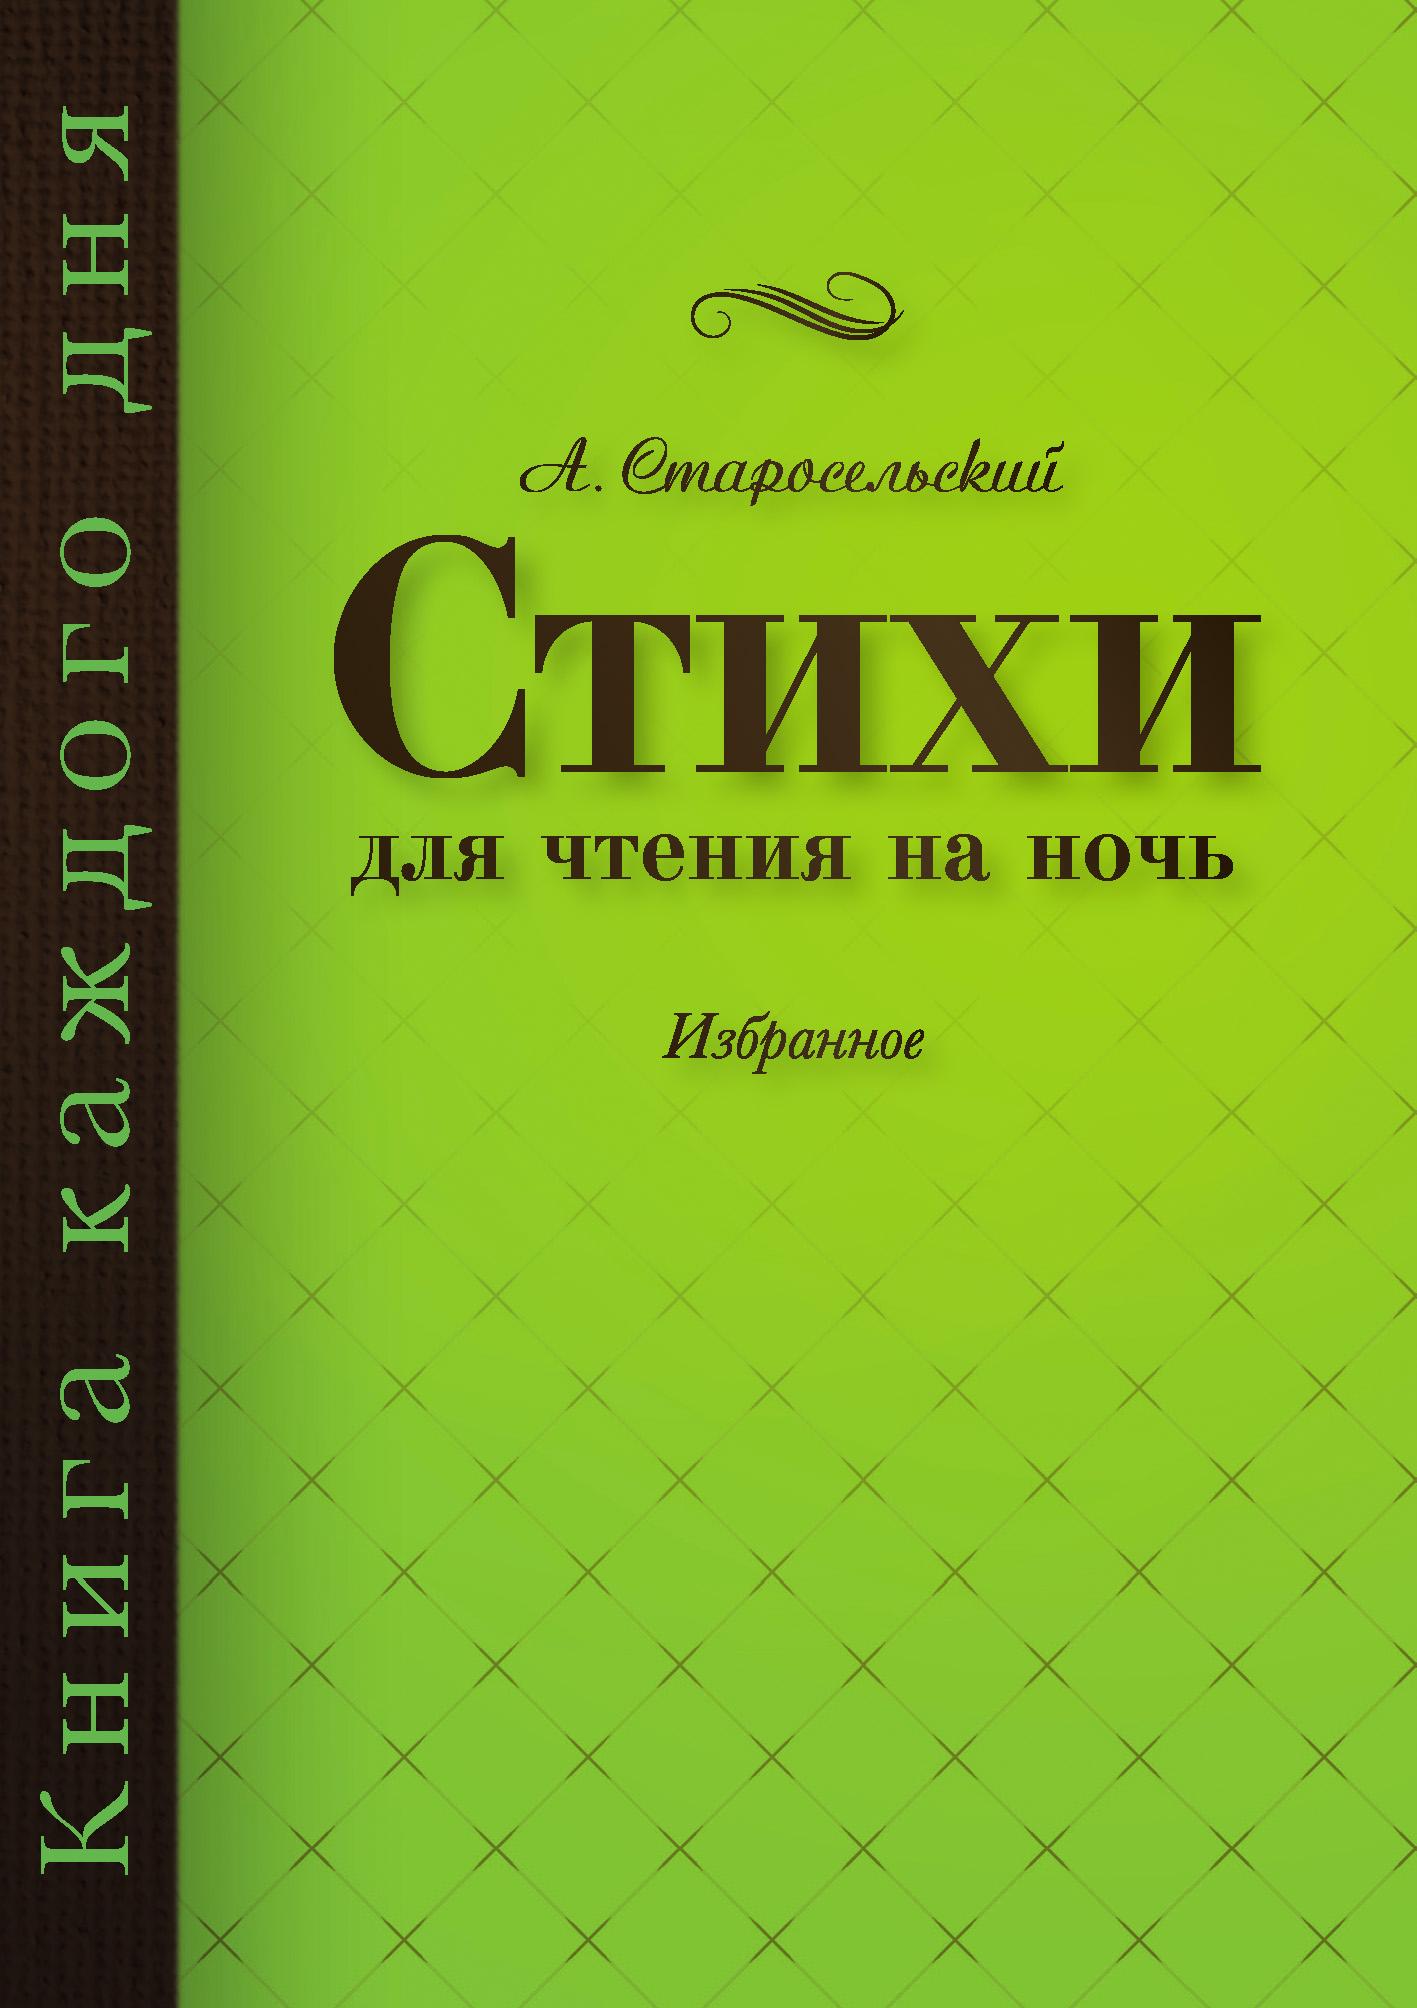 Александр Старосельский Стихи для чтения на ночь все стихи